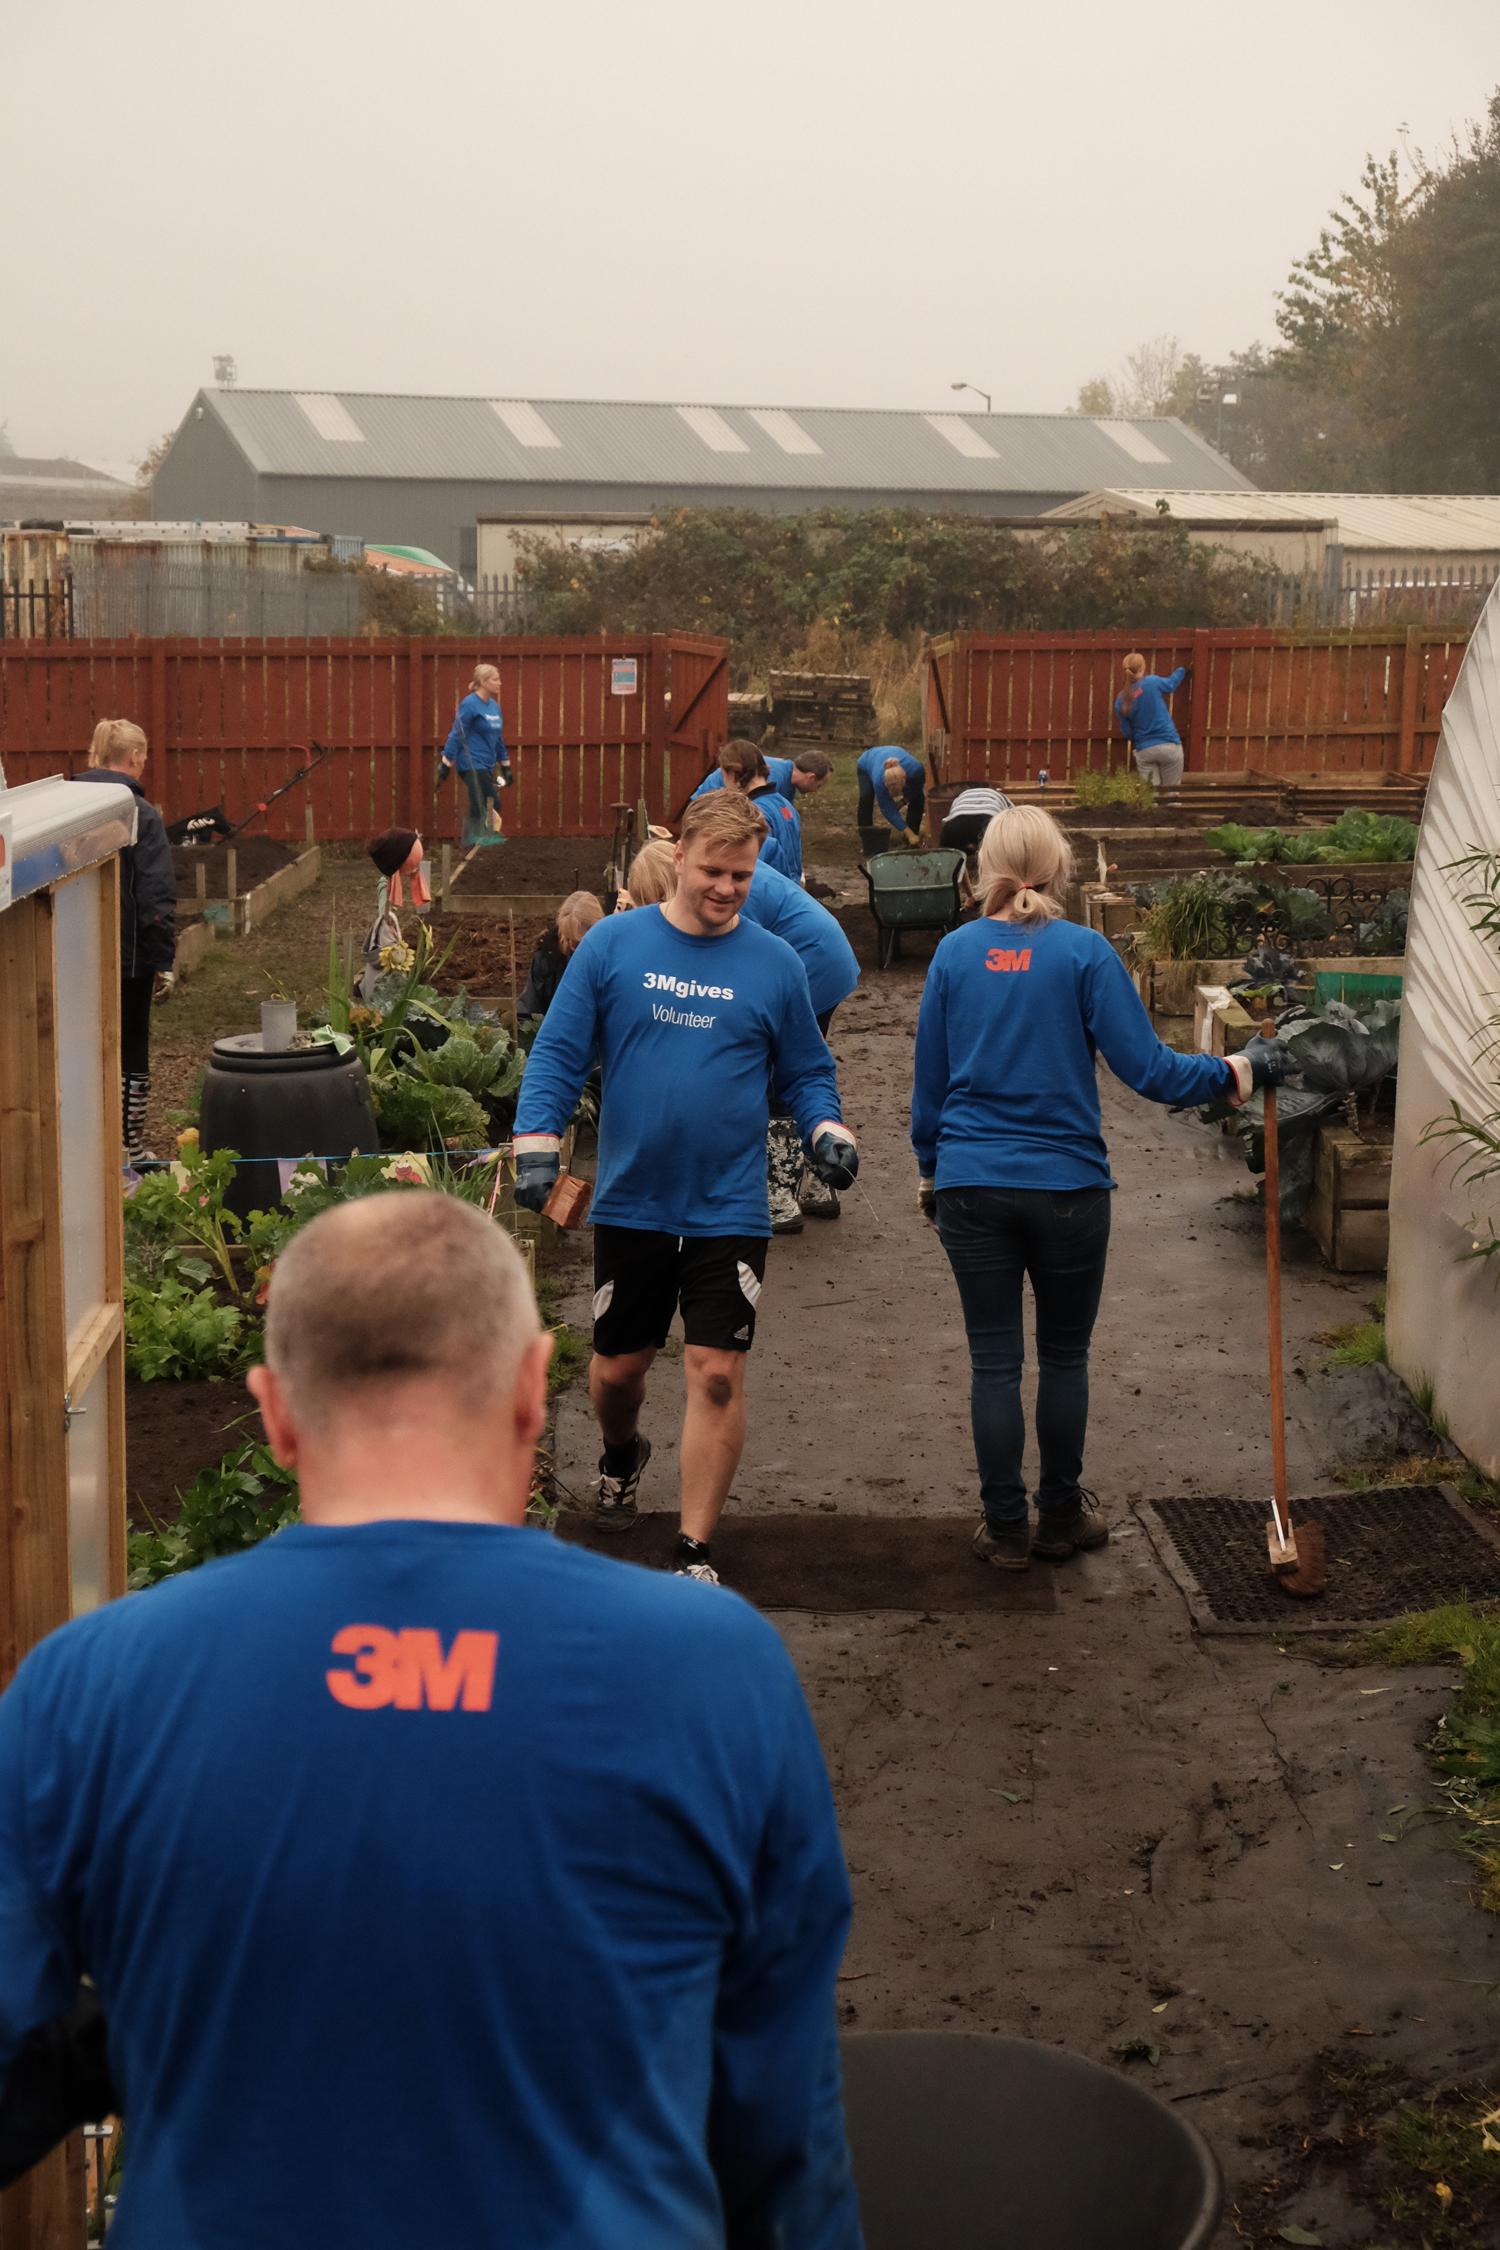 3M Volunteers Seek Community Tasks